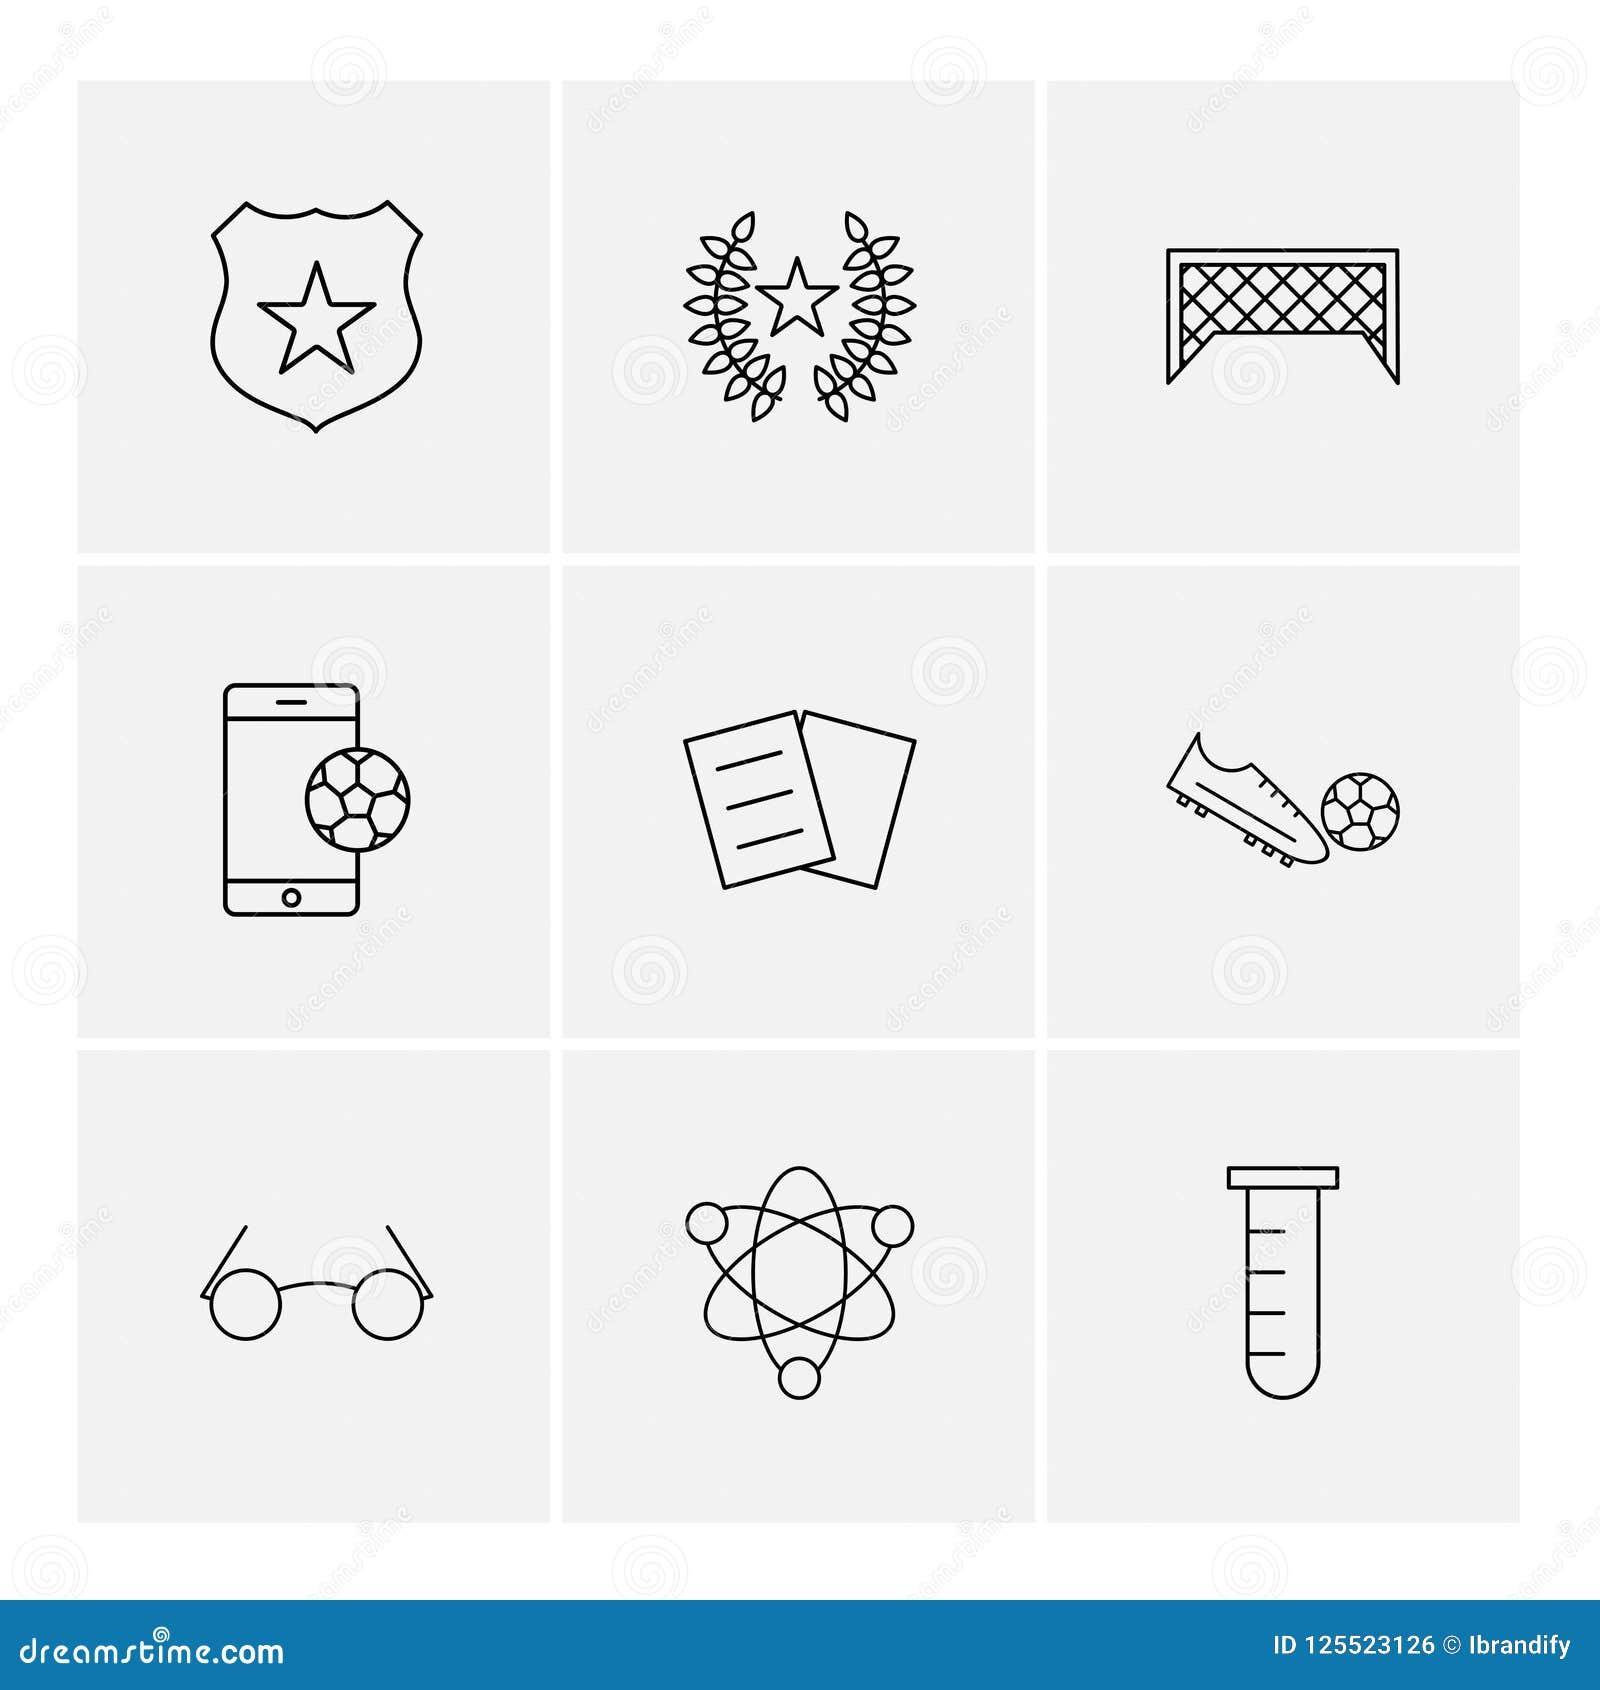 Ασπίδα, ποδόσφαιρο, στόχος, κινητός, λάκτισμα, χημικός, πυρηνικό, ε